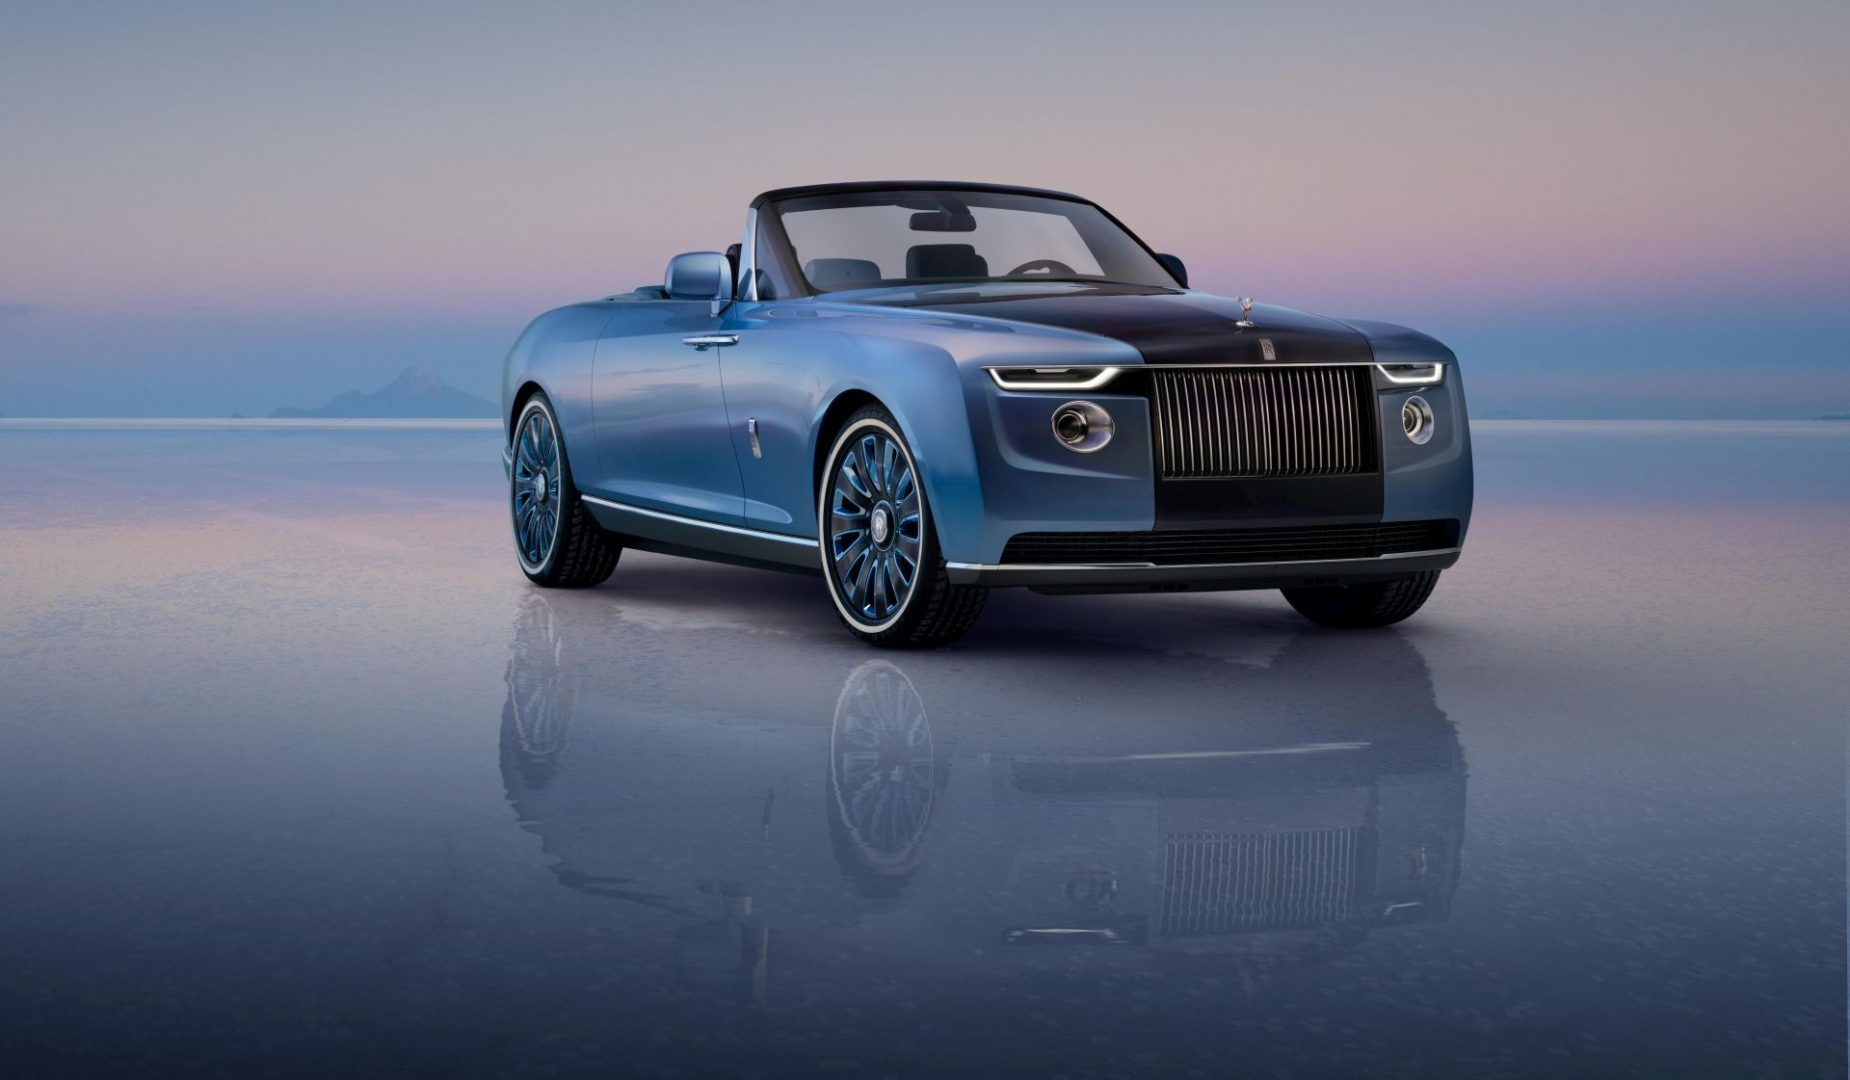 Vrhunac luksuza po najvišoj cijeni: jedinstveni Rolls-Royce Boat Tail